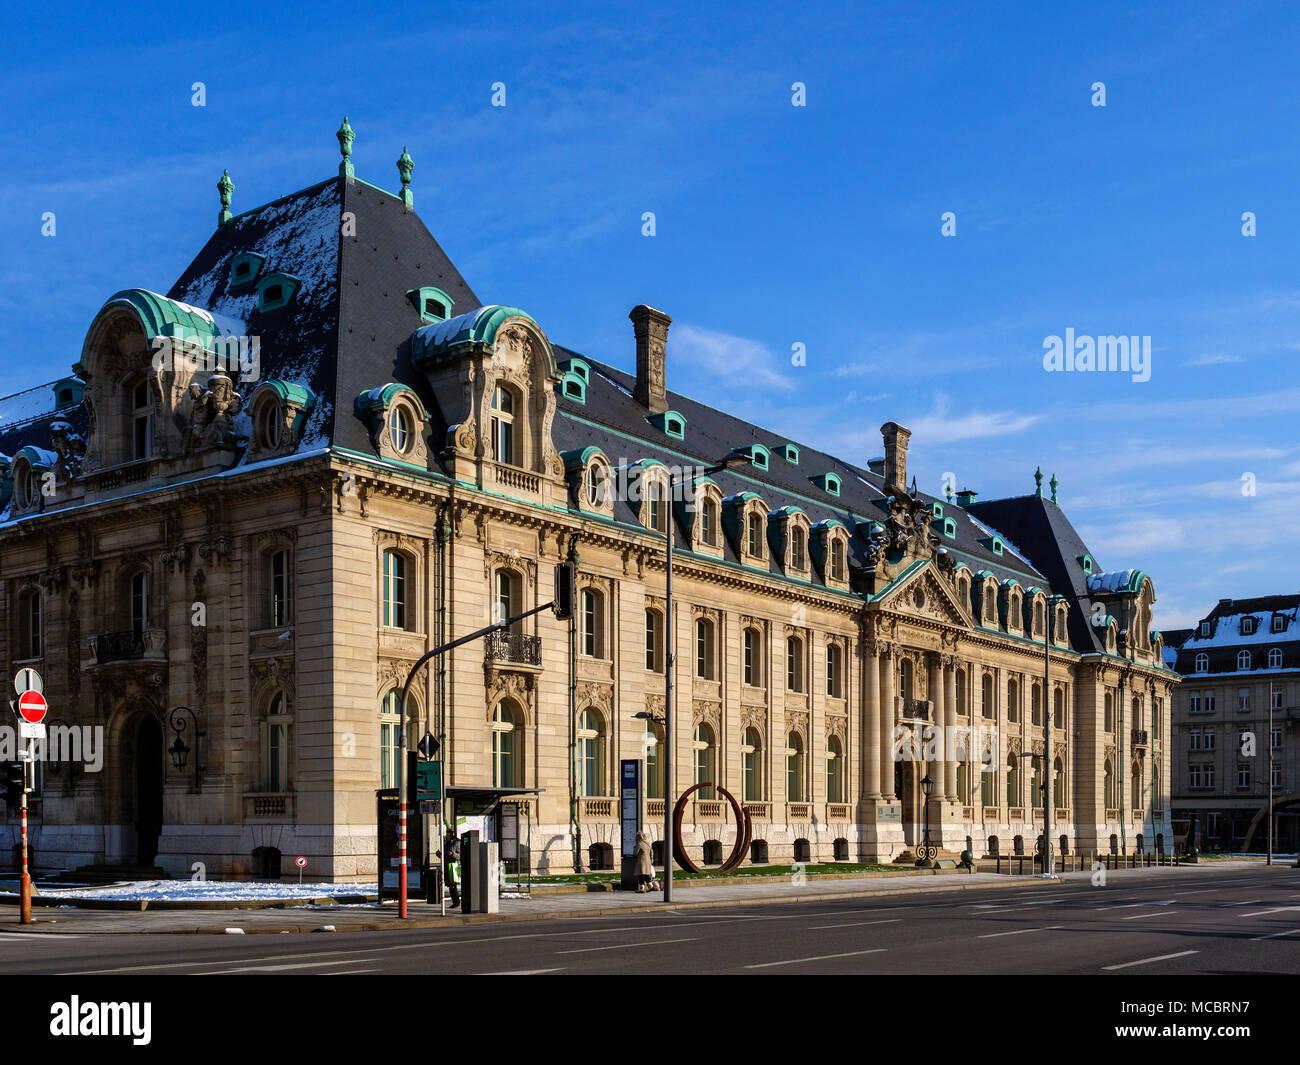 bank building, Avenue de la Libertè 19,  Luxembourg City, Europe - Stock Image